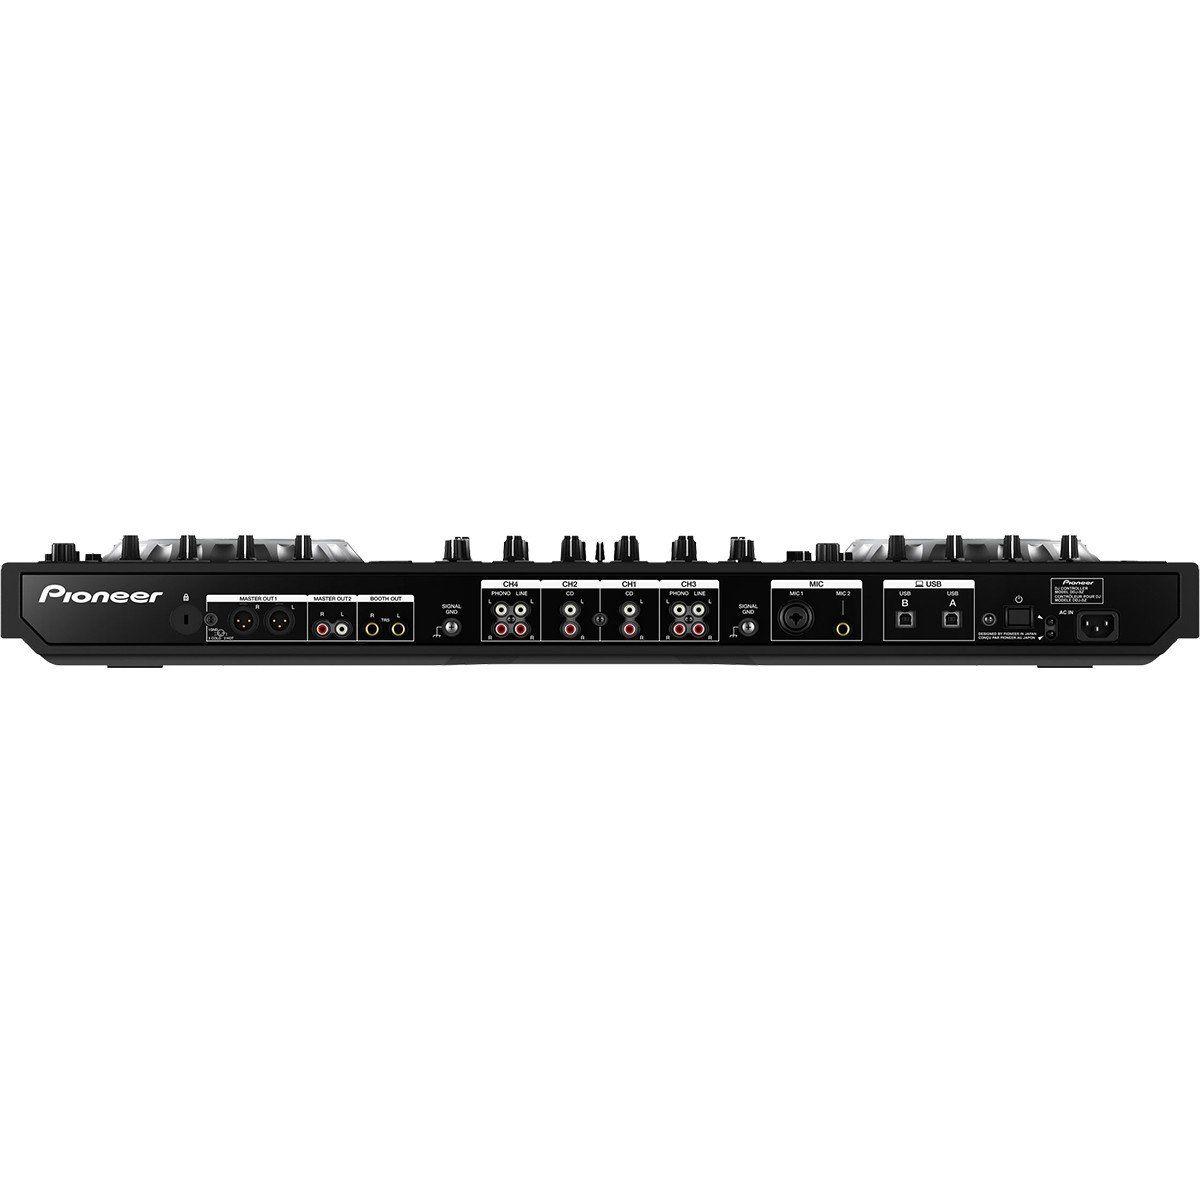 Pioneer DDJ-SZ Controladora Dj DDJ SZ 4-Canais 4-Decks Serato